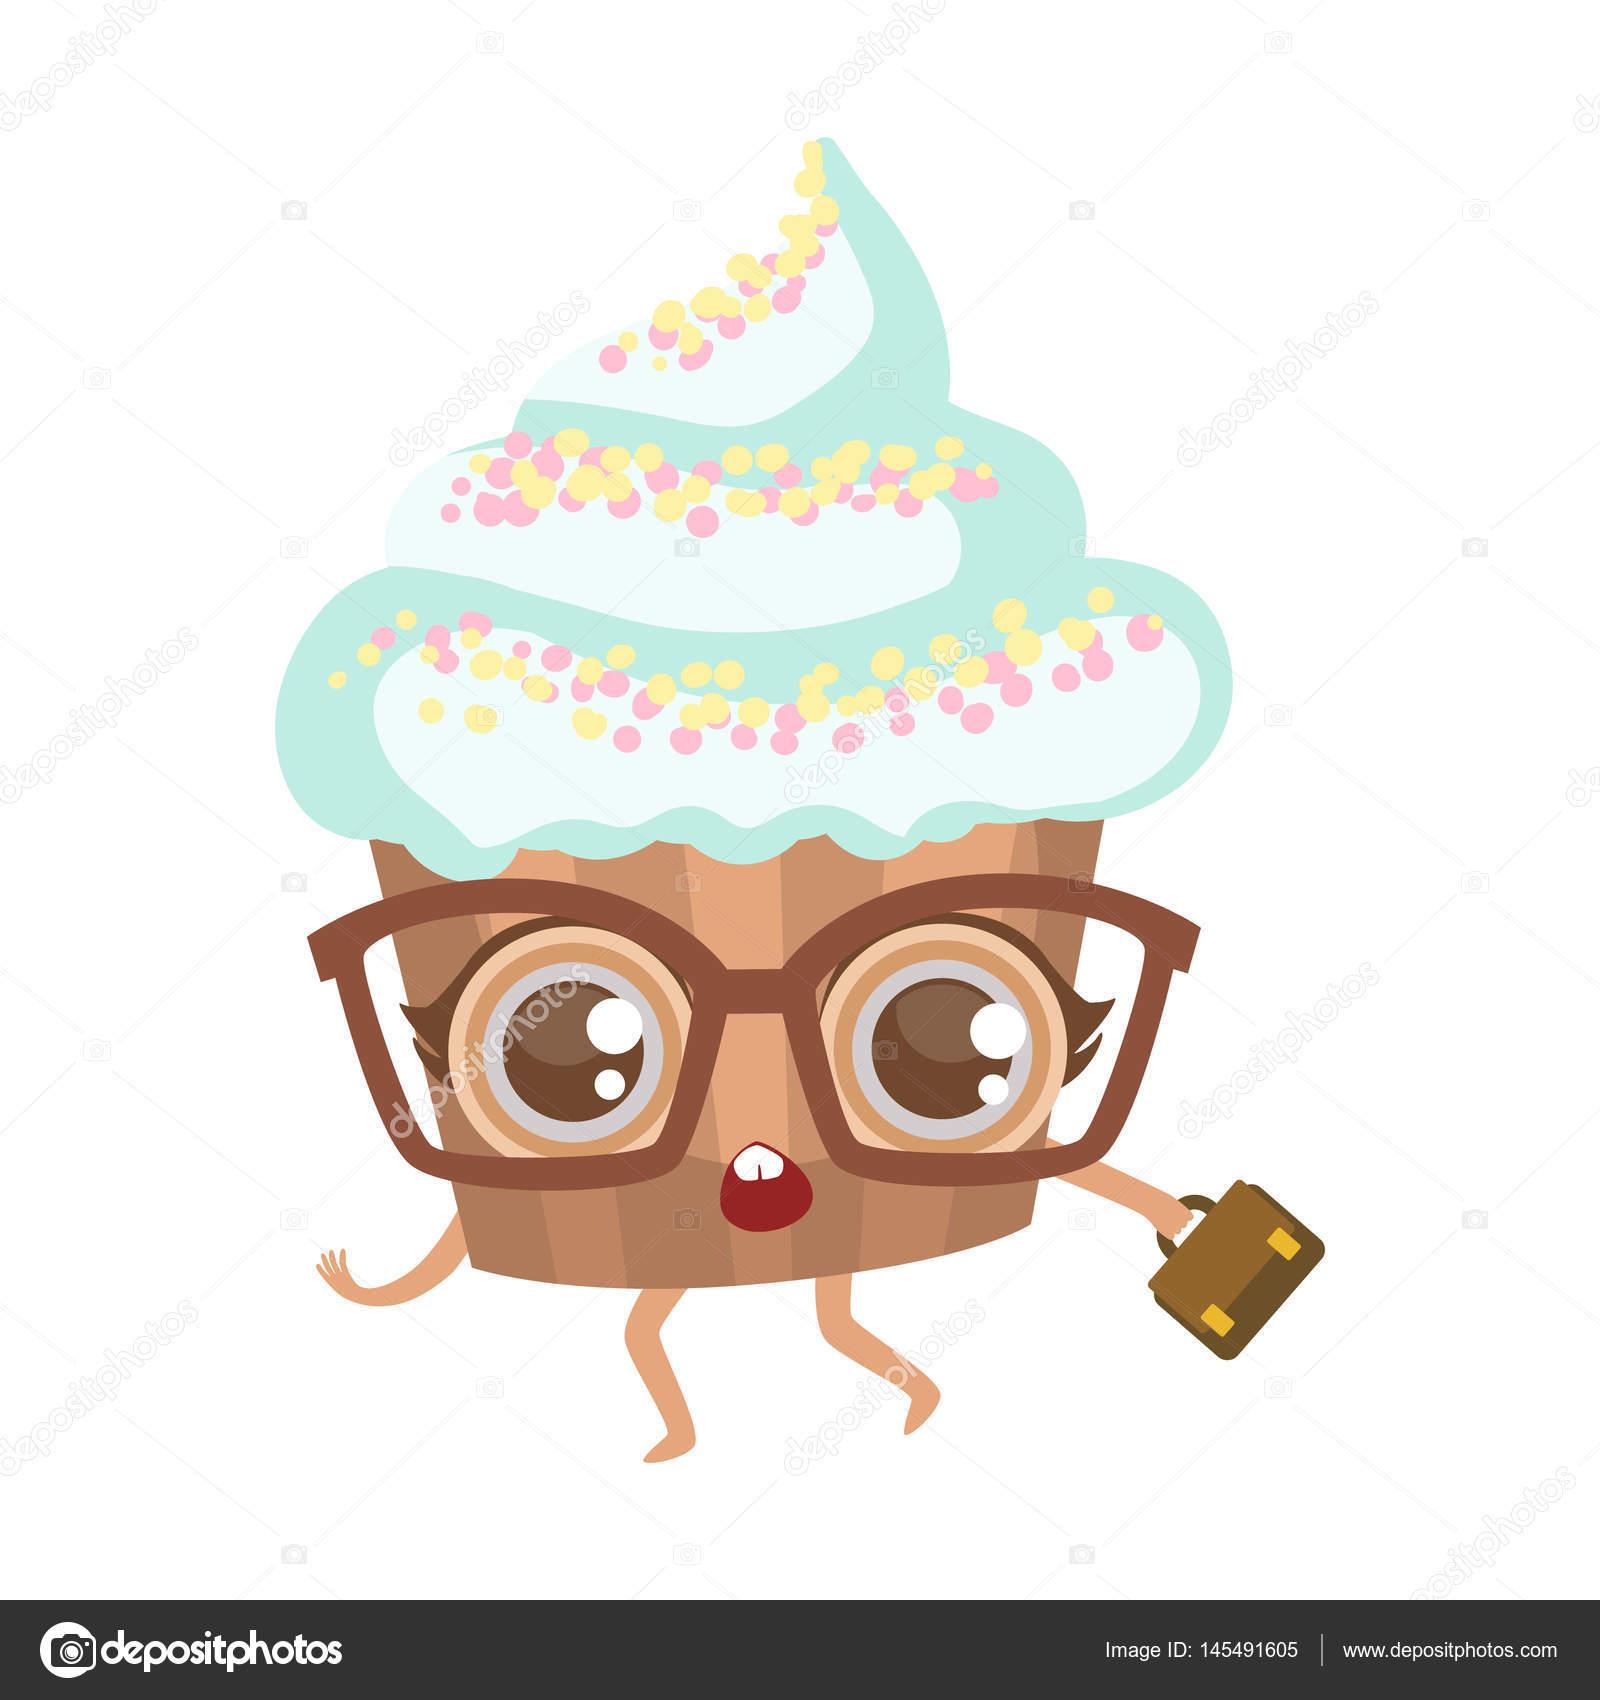 スーツケースかわいいキャラクター グラスでカップケーキ ヒト漫画食べ物